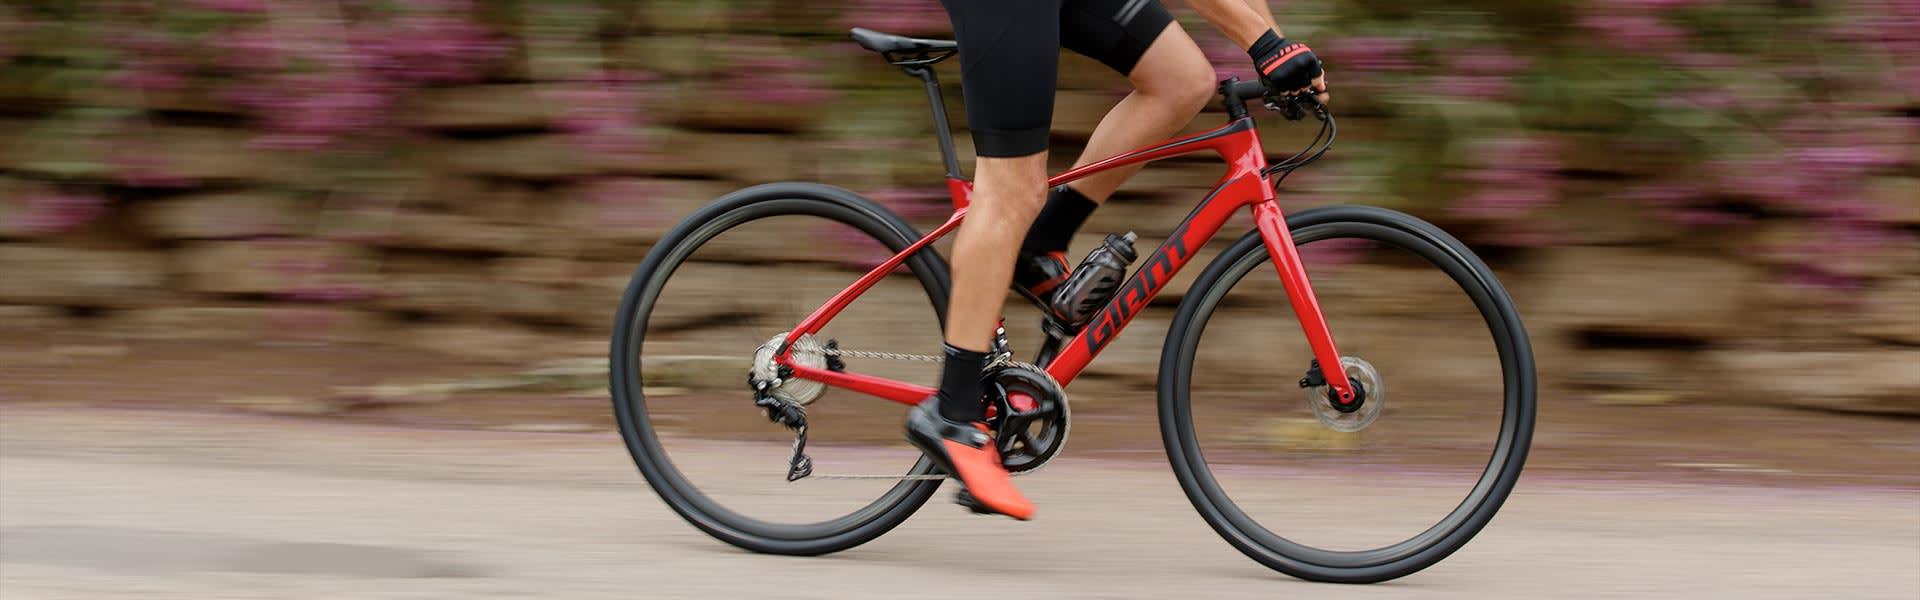 Fitness bicykle